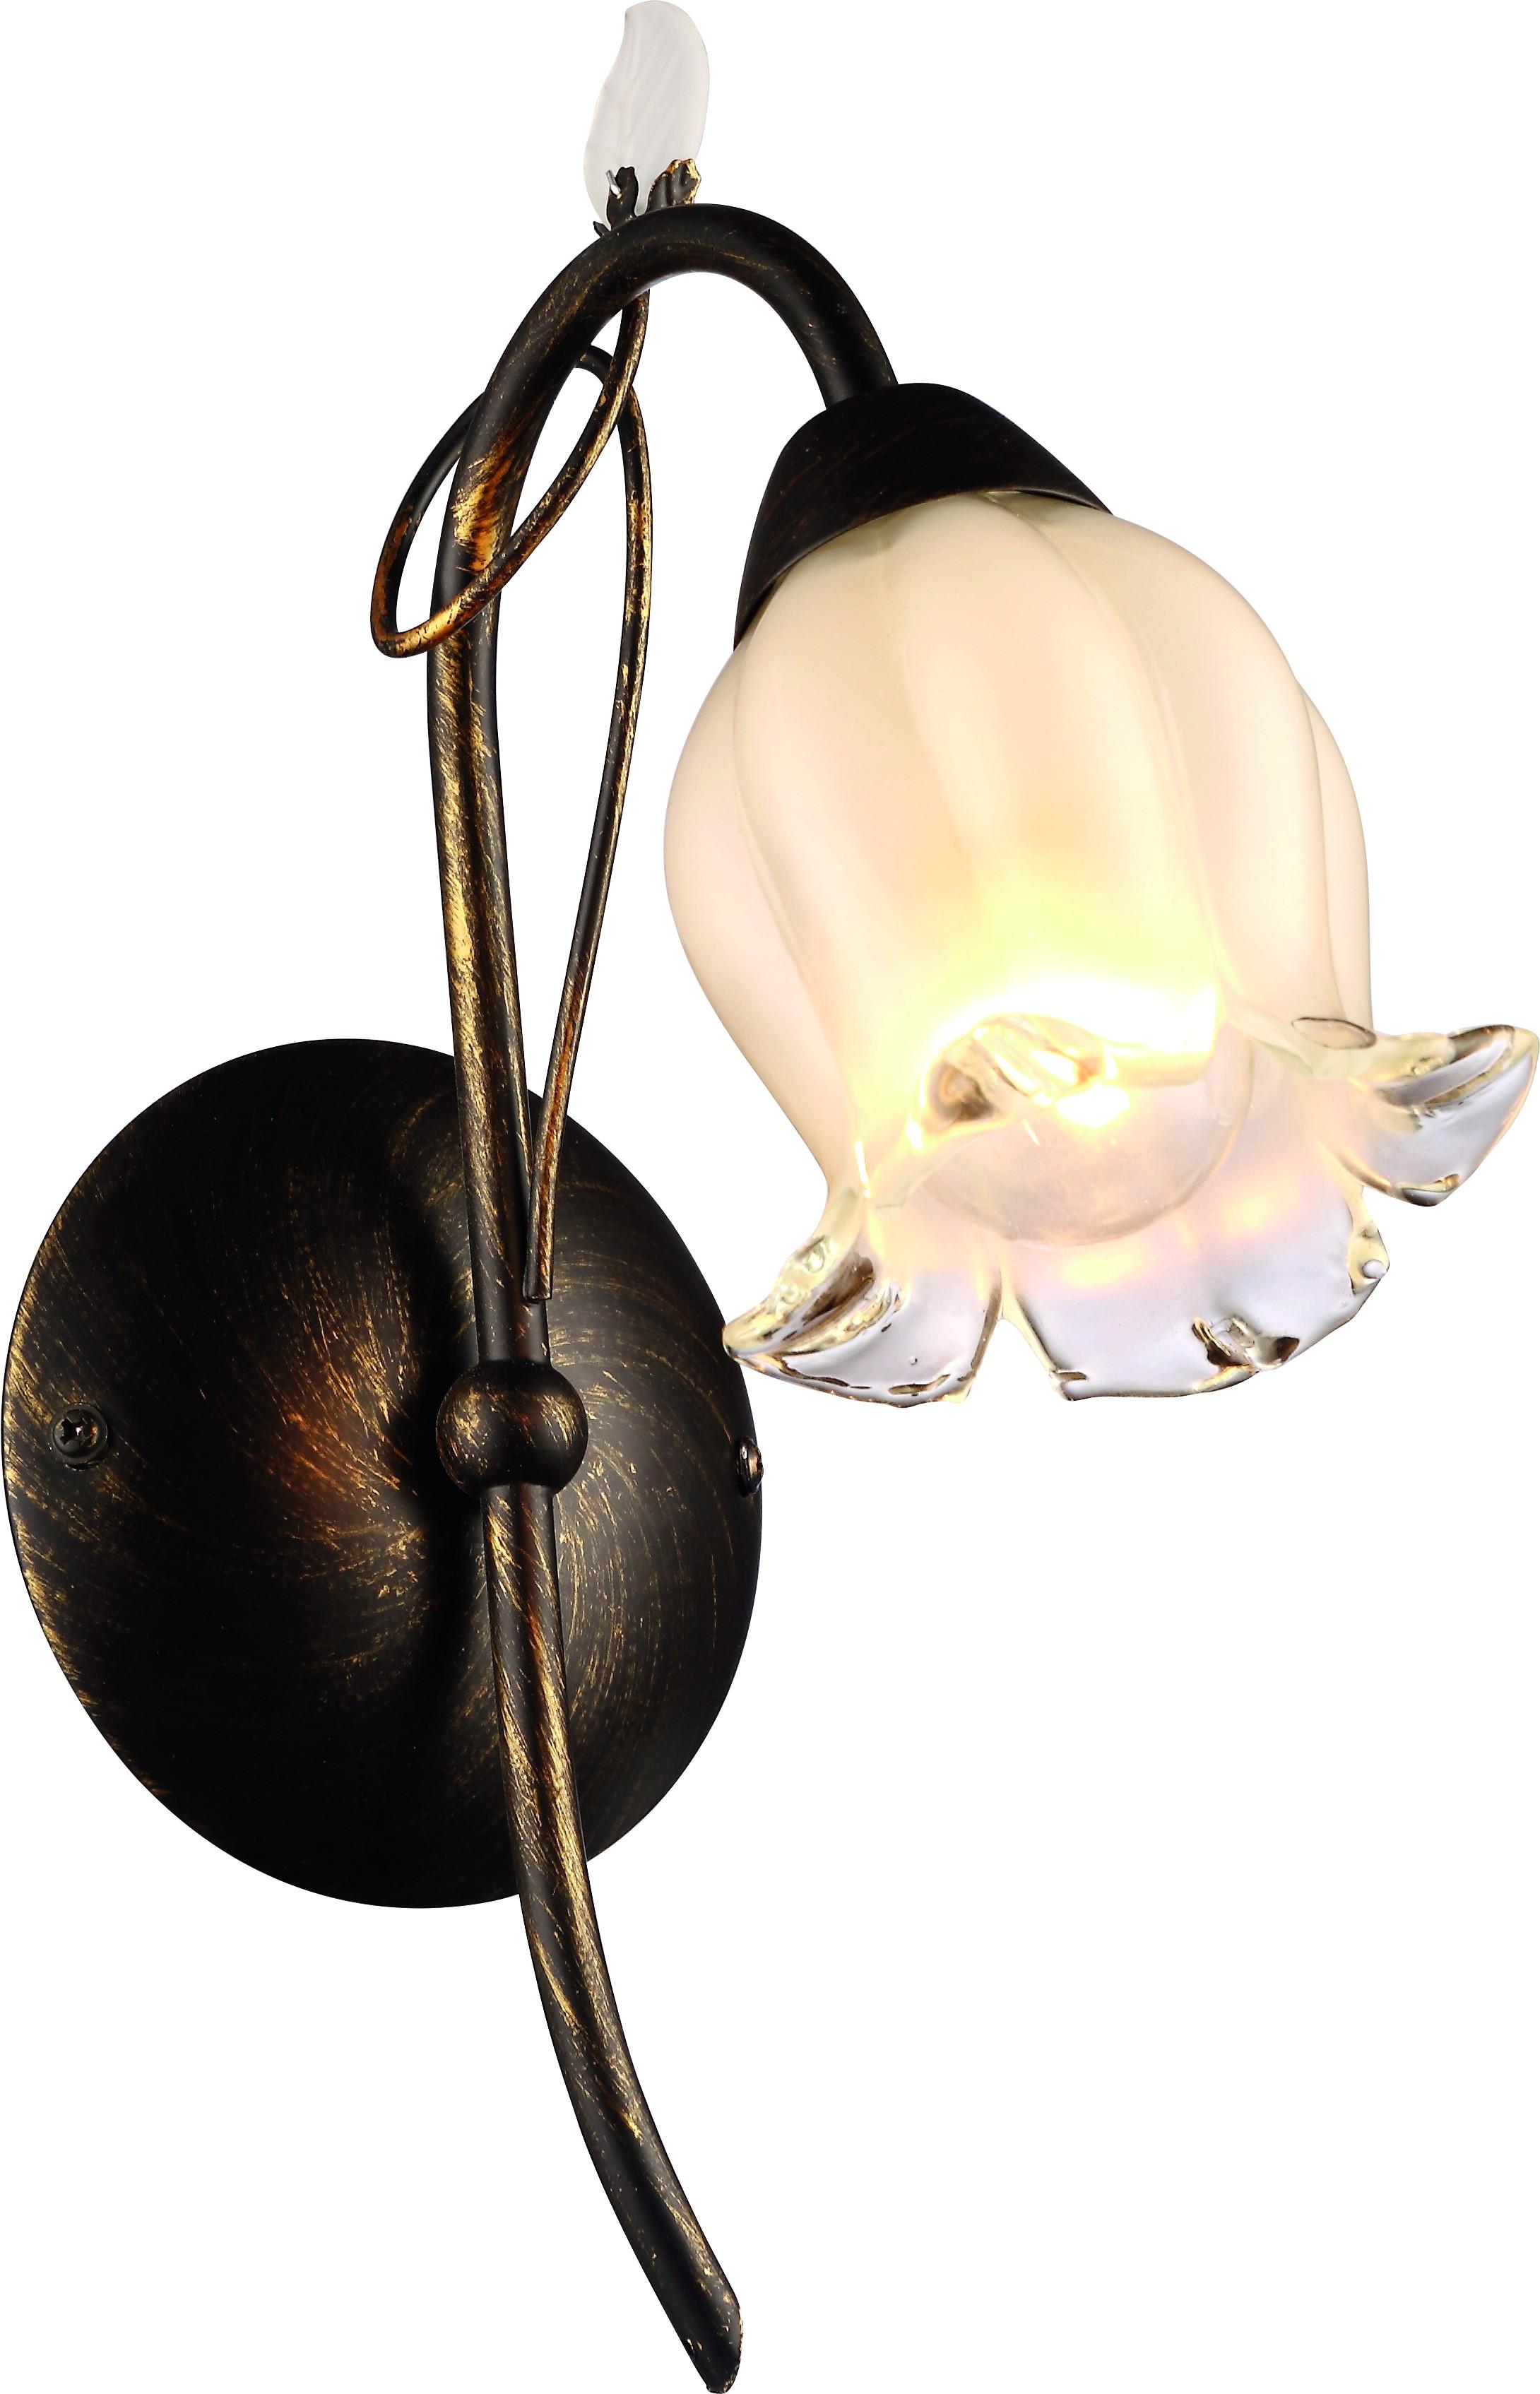 Бра Arte lamp A7449ap-1br бра 83 a7449ap 1br arte lamp 1179151